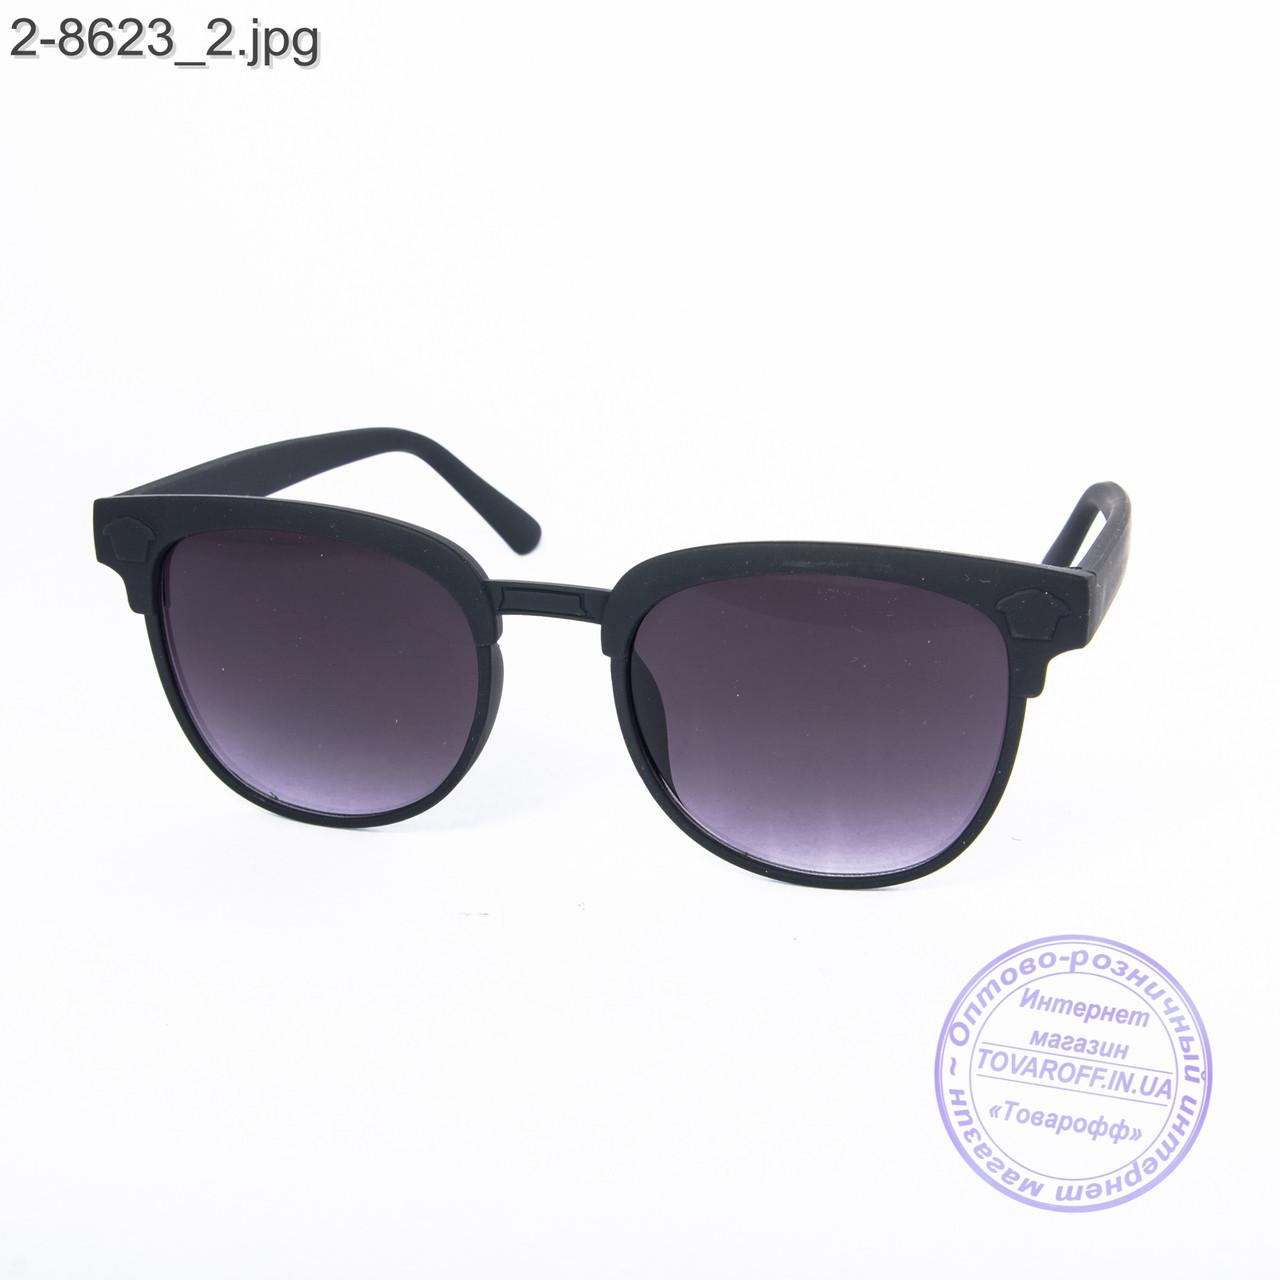 Солнцезащитные очки унисекс - черные - 2-8623